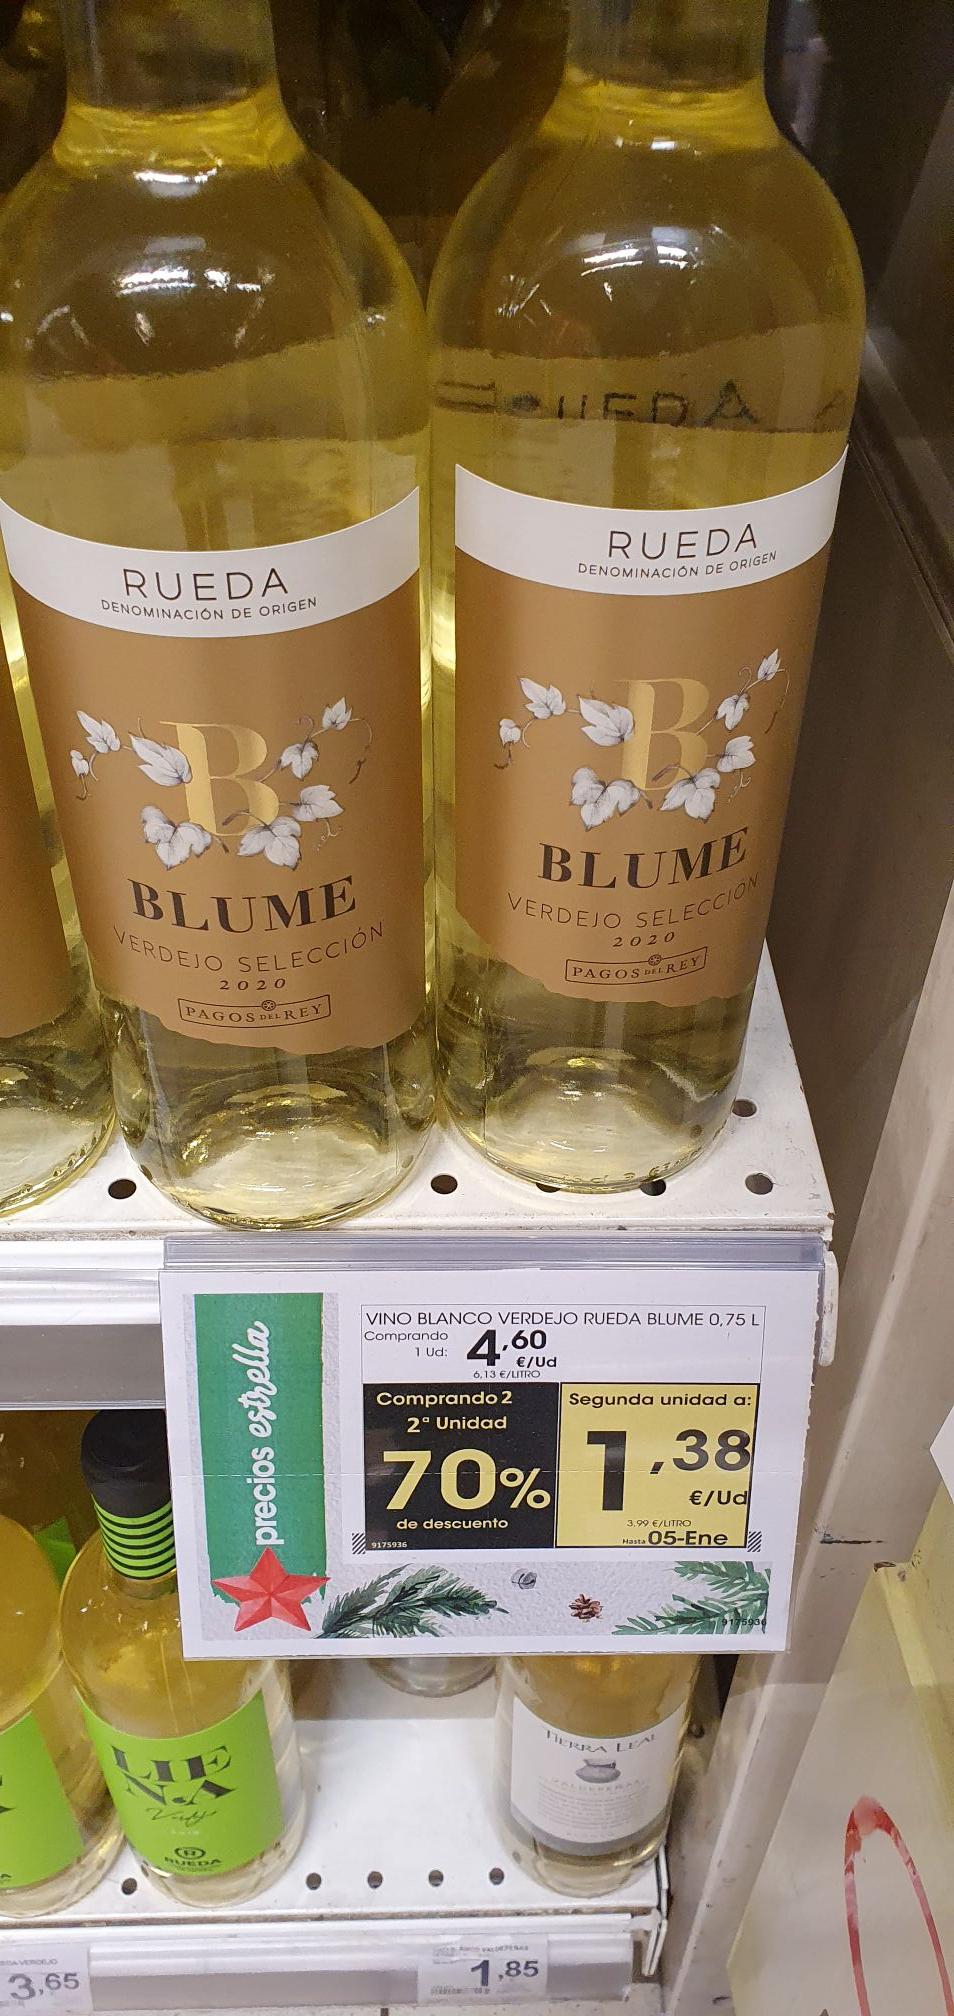 Vino Blanco Blume, 70% en la segunda unidad Eroski